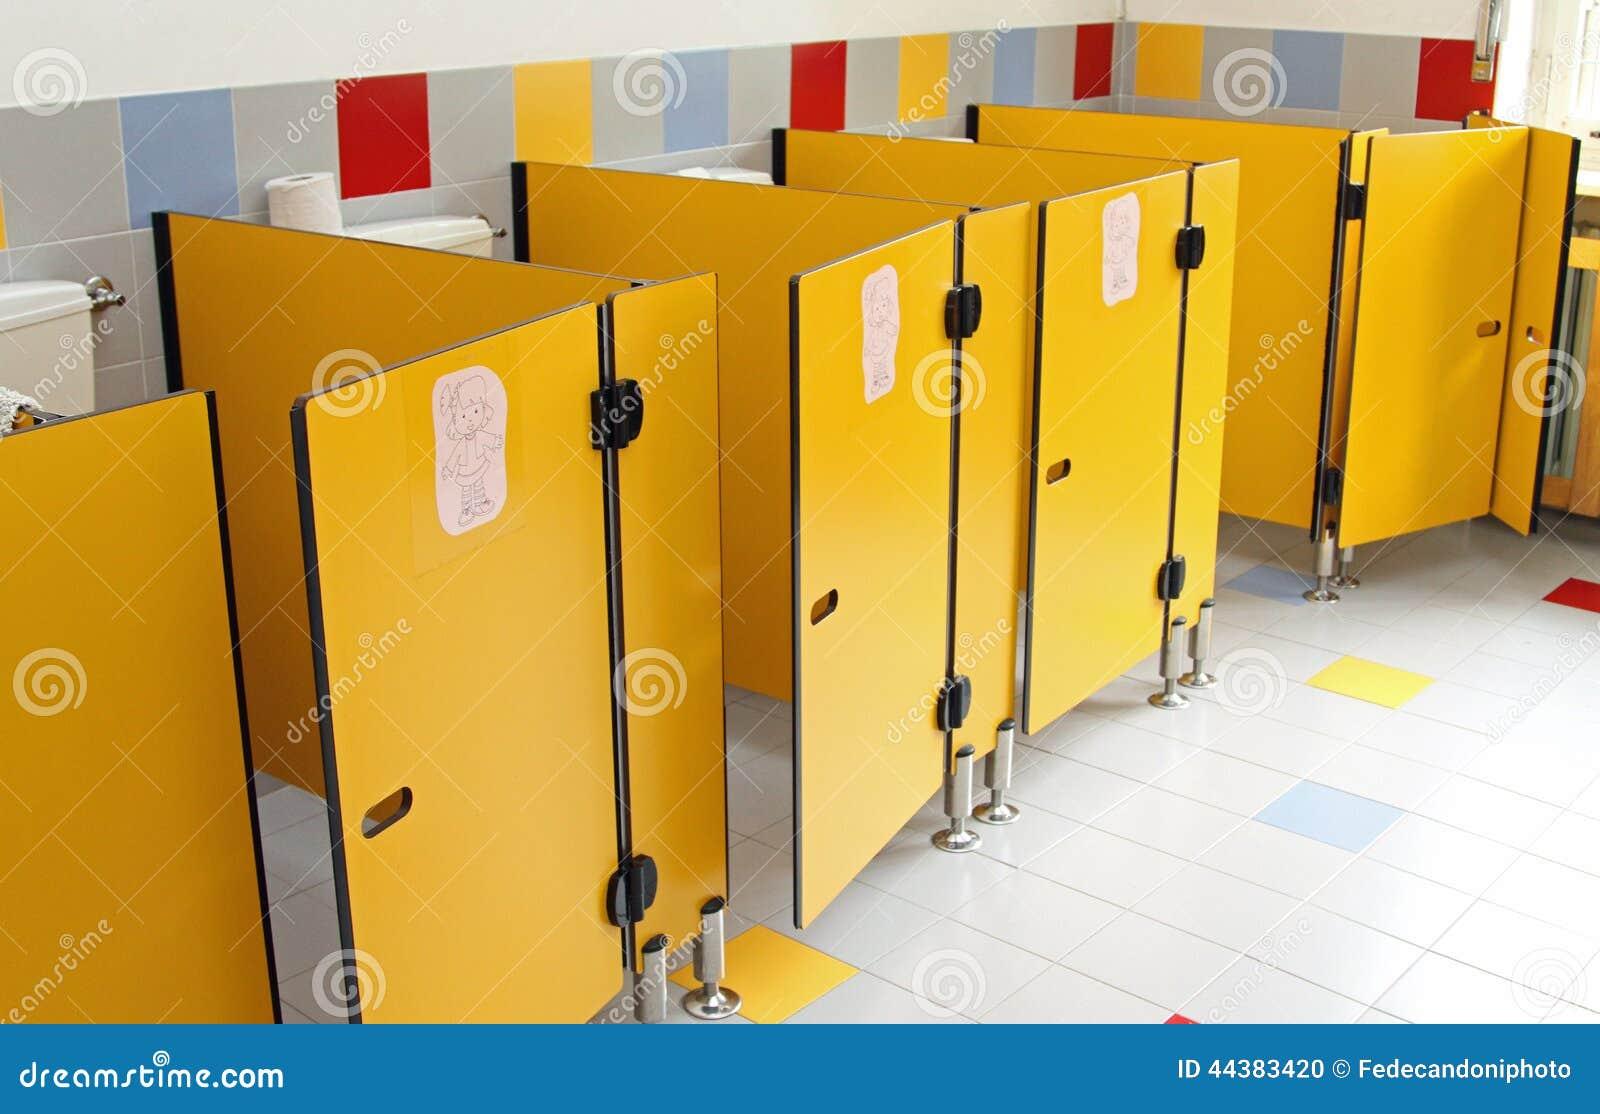 Piccole porte della toilette di una scuola materna fotografia stock immagine 44383420 - Foto de toilette ...